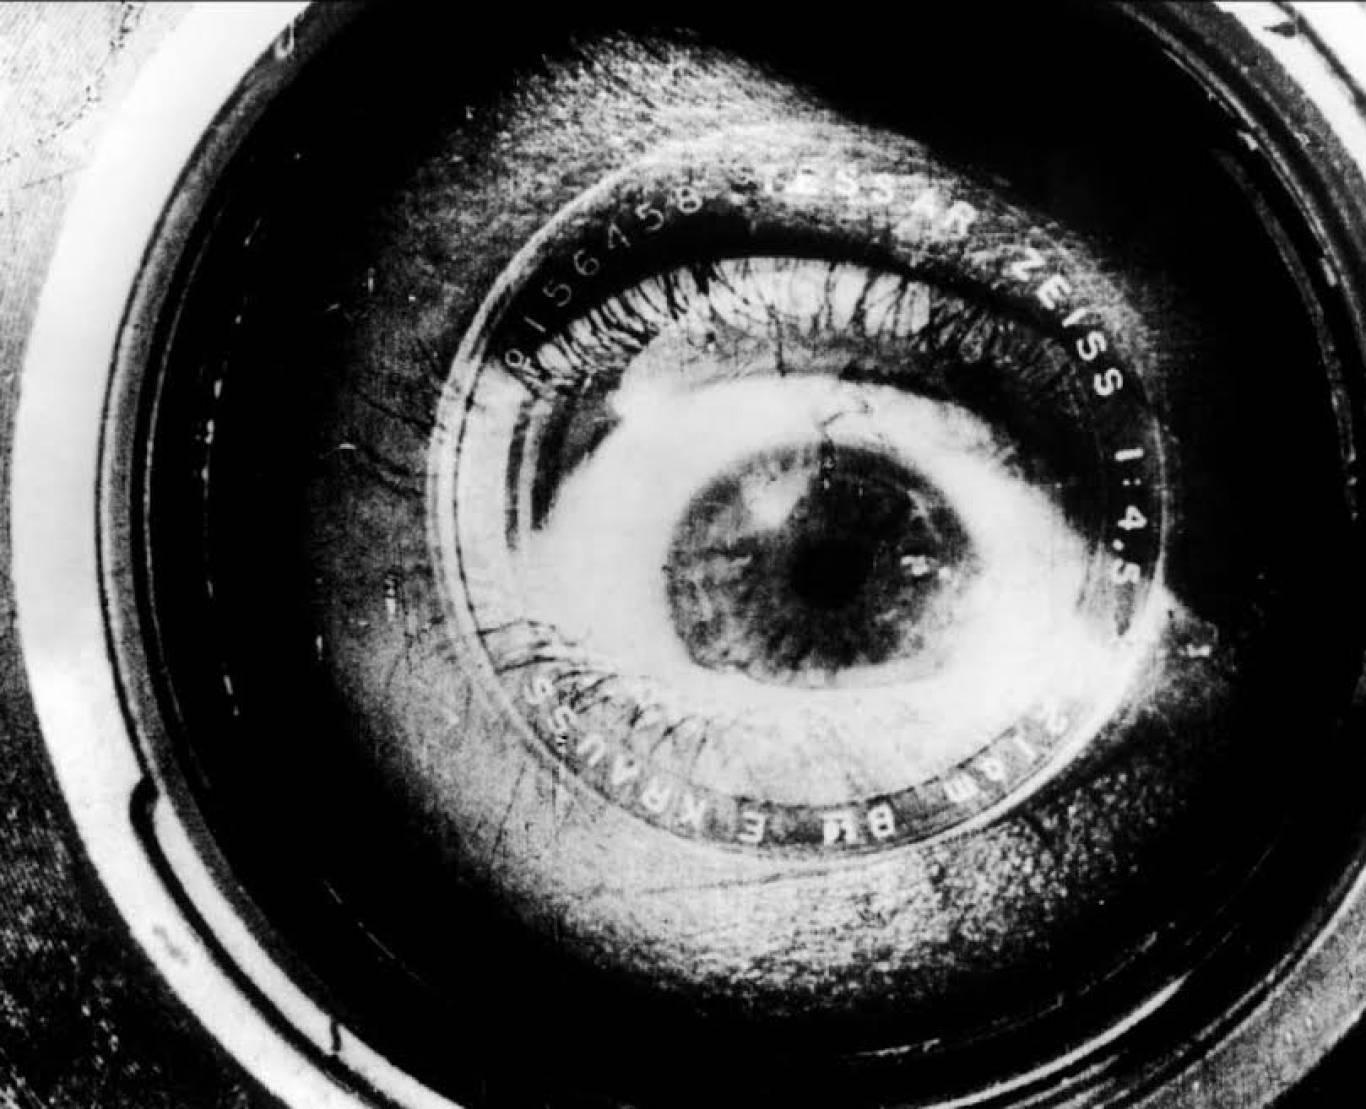 Лекція «Від кіно-правди до кіно-доказу: політика істини в документальному кіно»